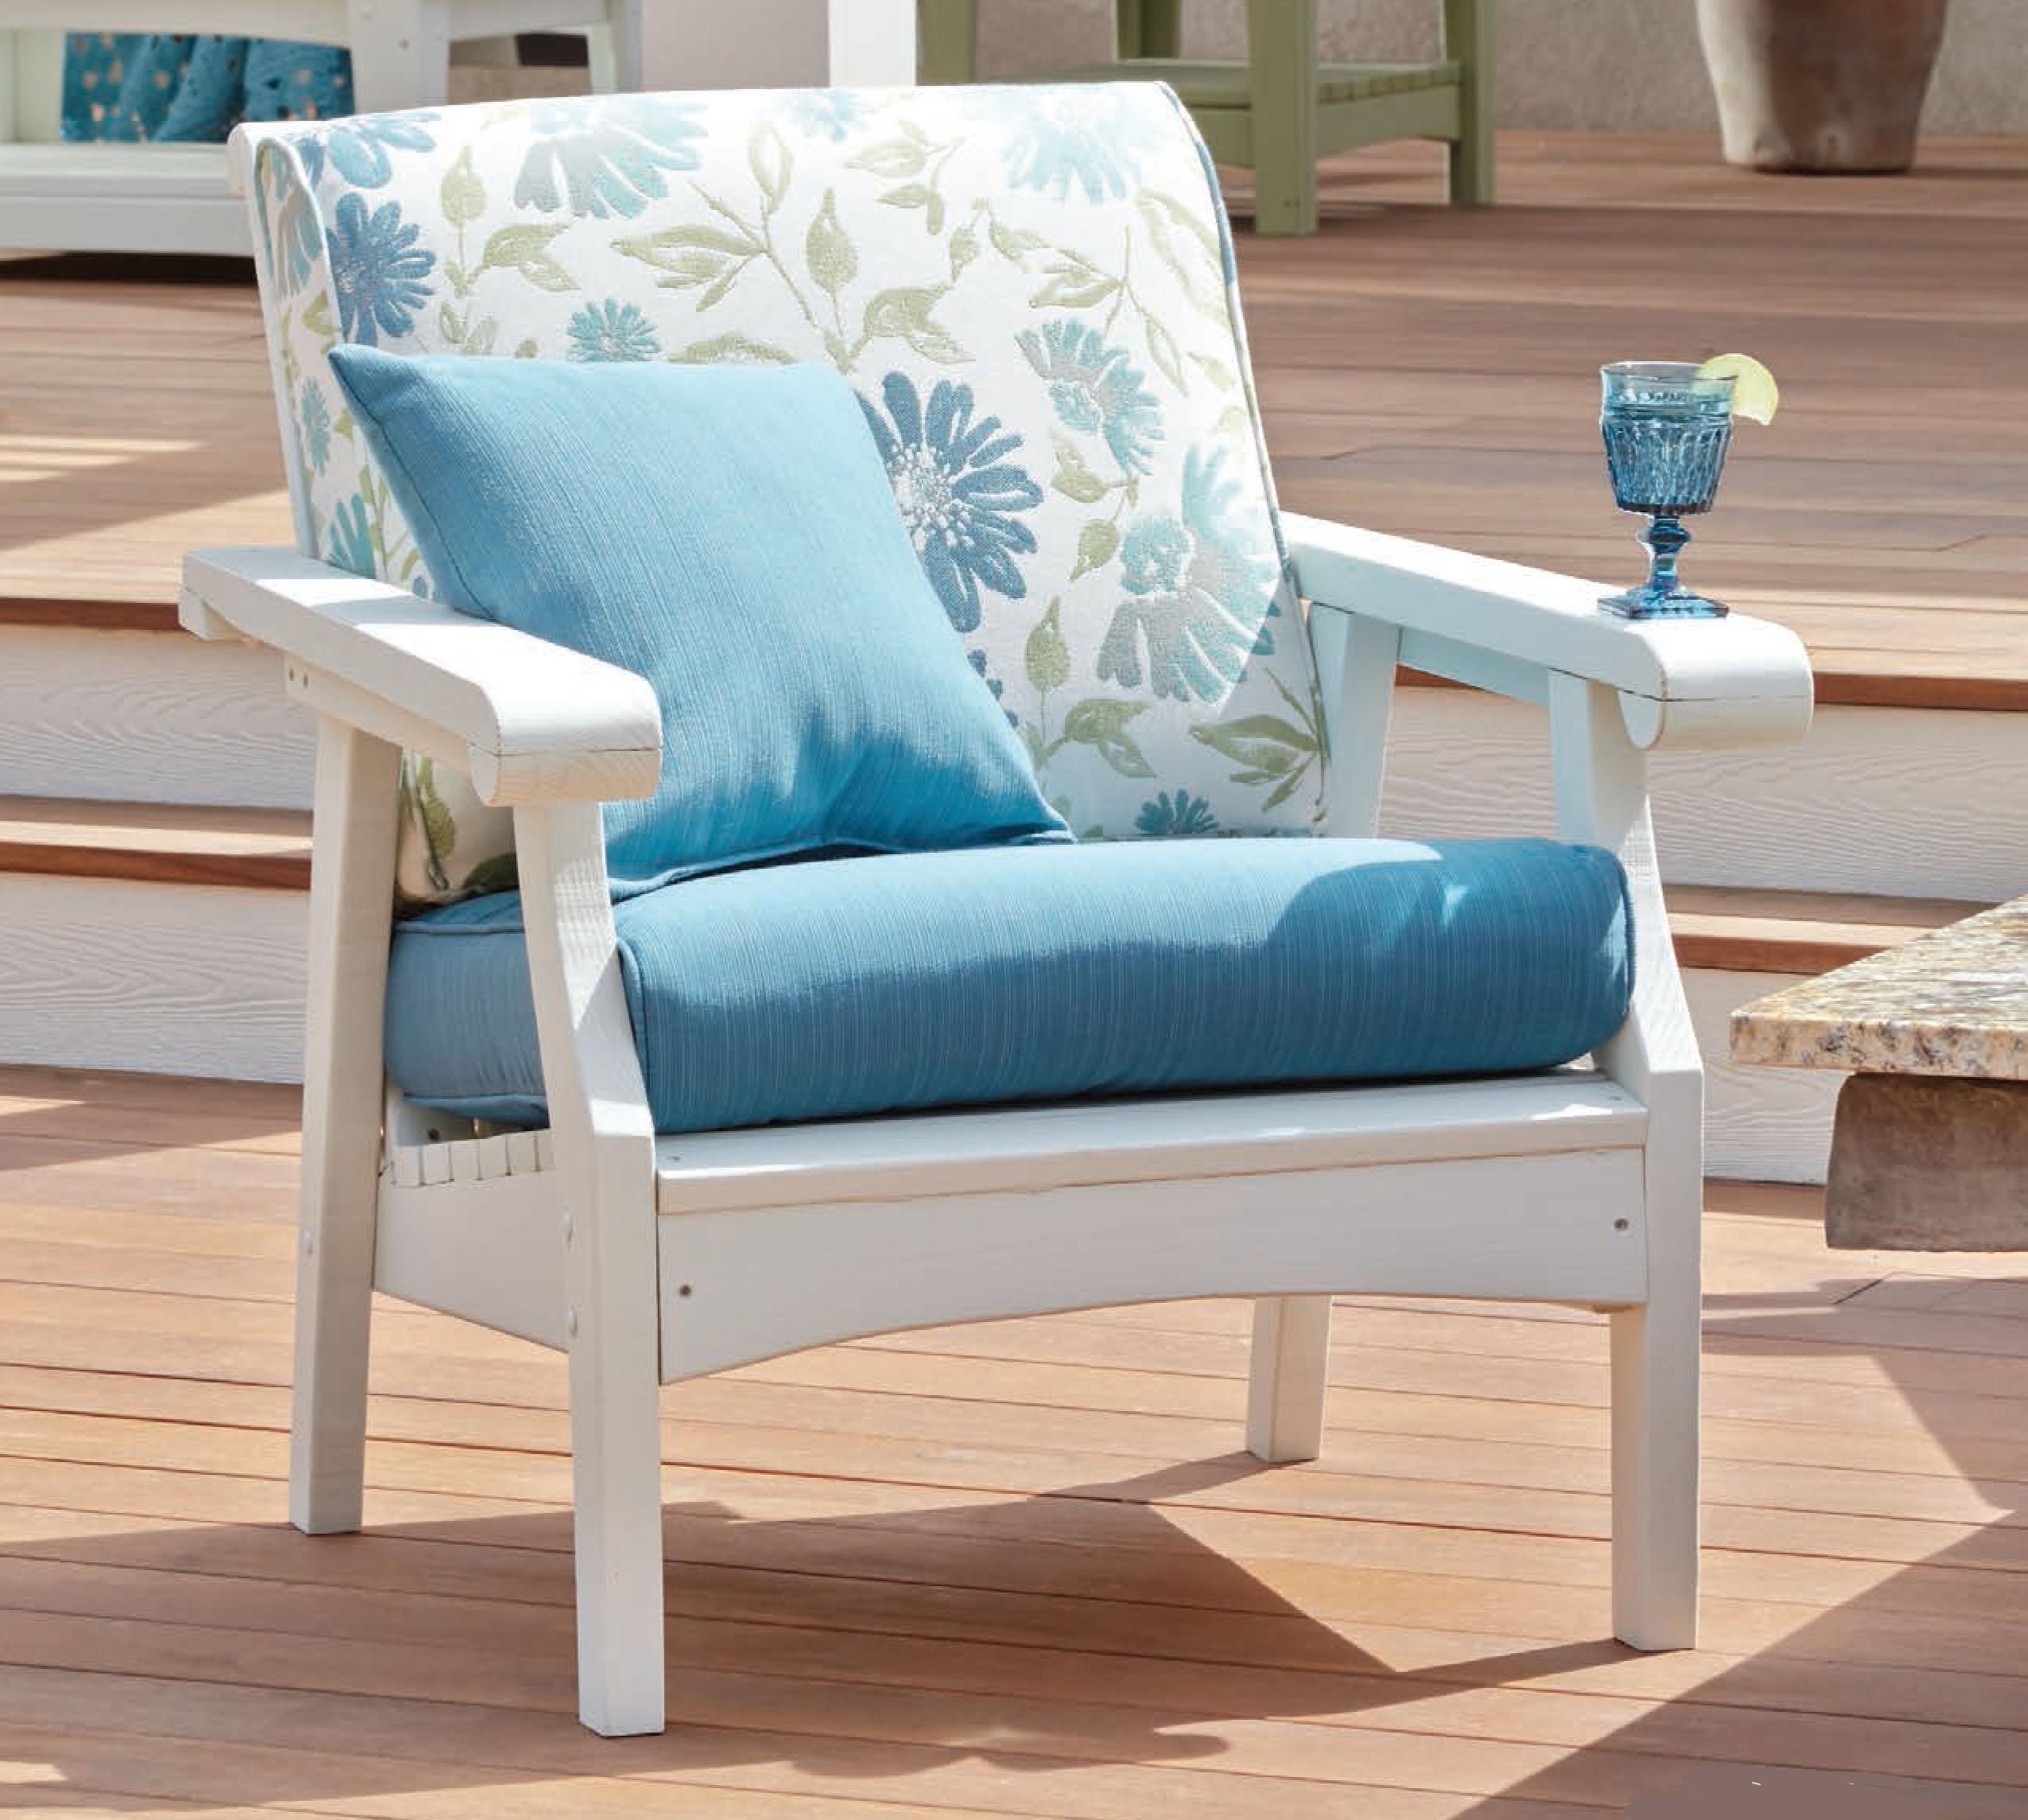 Uwharrie Gallatin Adirondack Chair